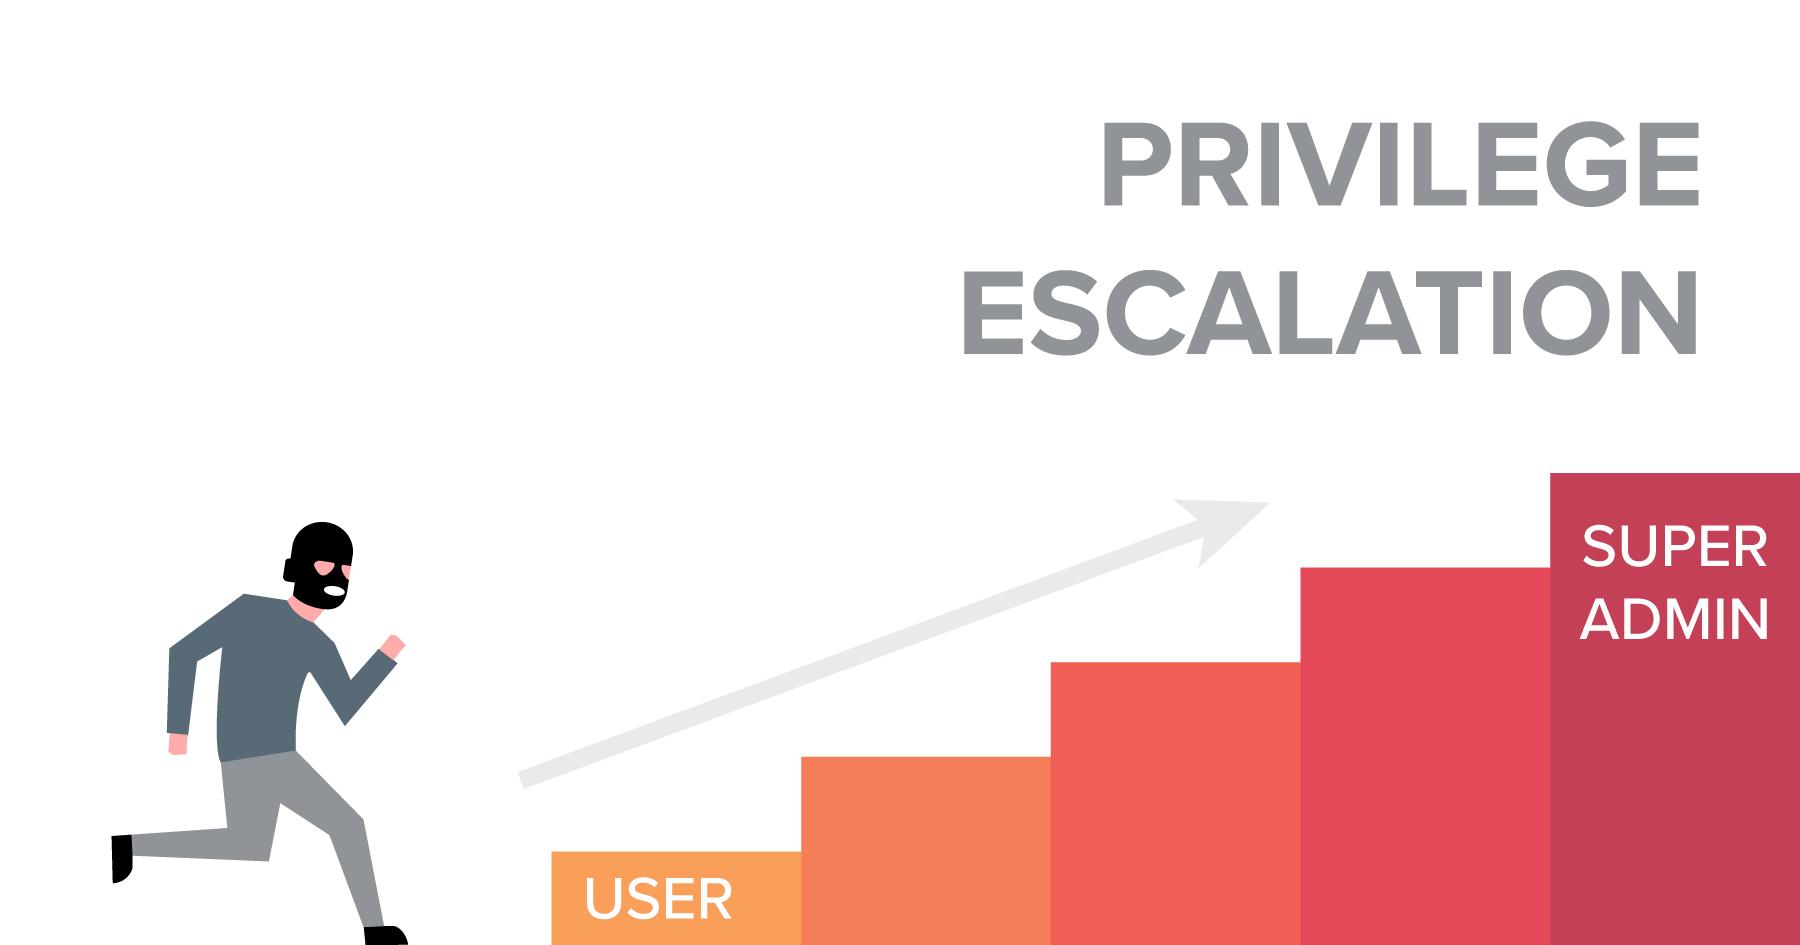 بالا بردن سطح دسترسی یا Privilege Escalation